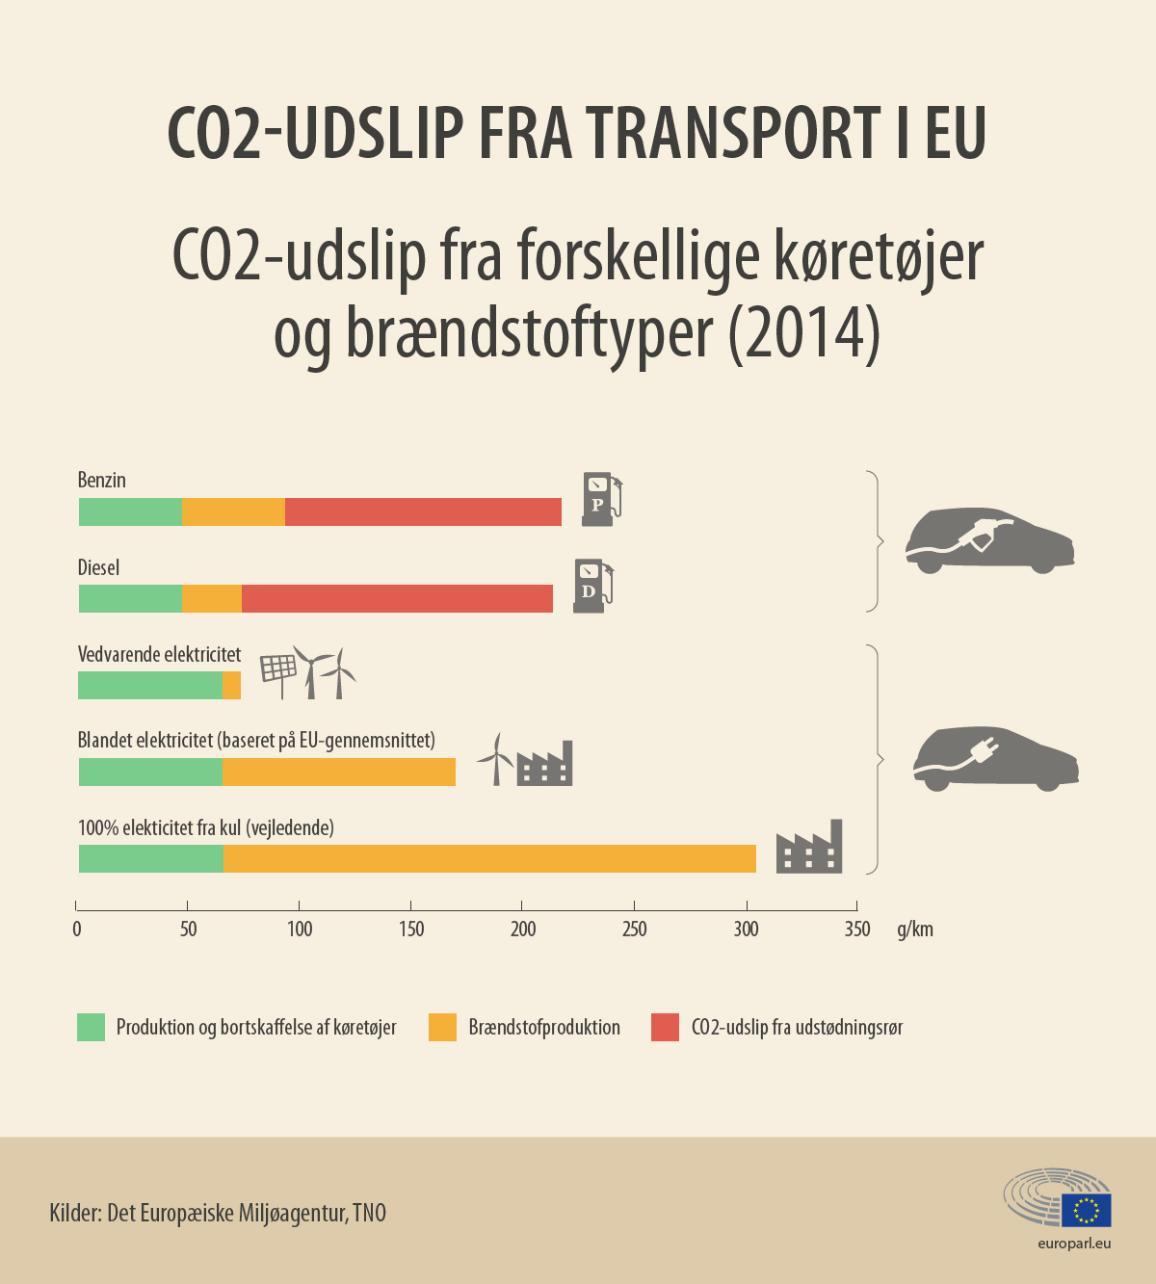 CO2-emissioner pr. brændstoftype og for elbiler